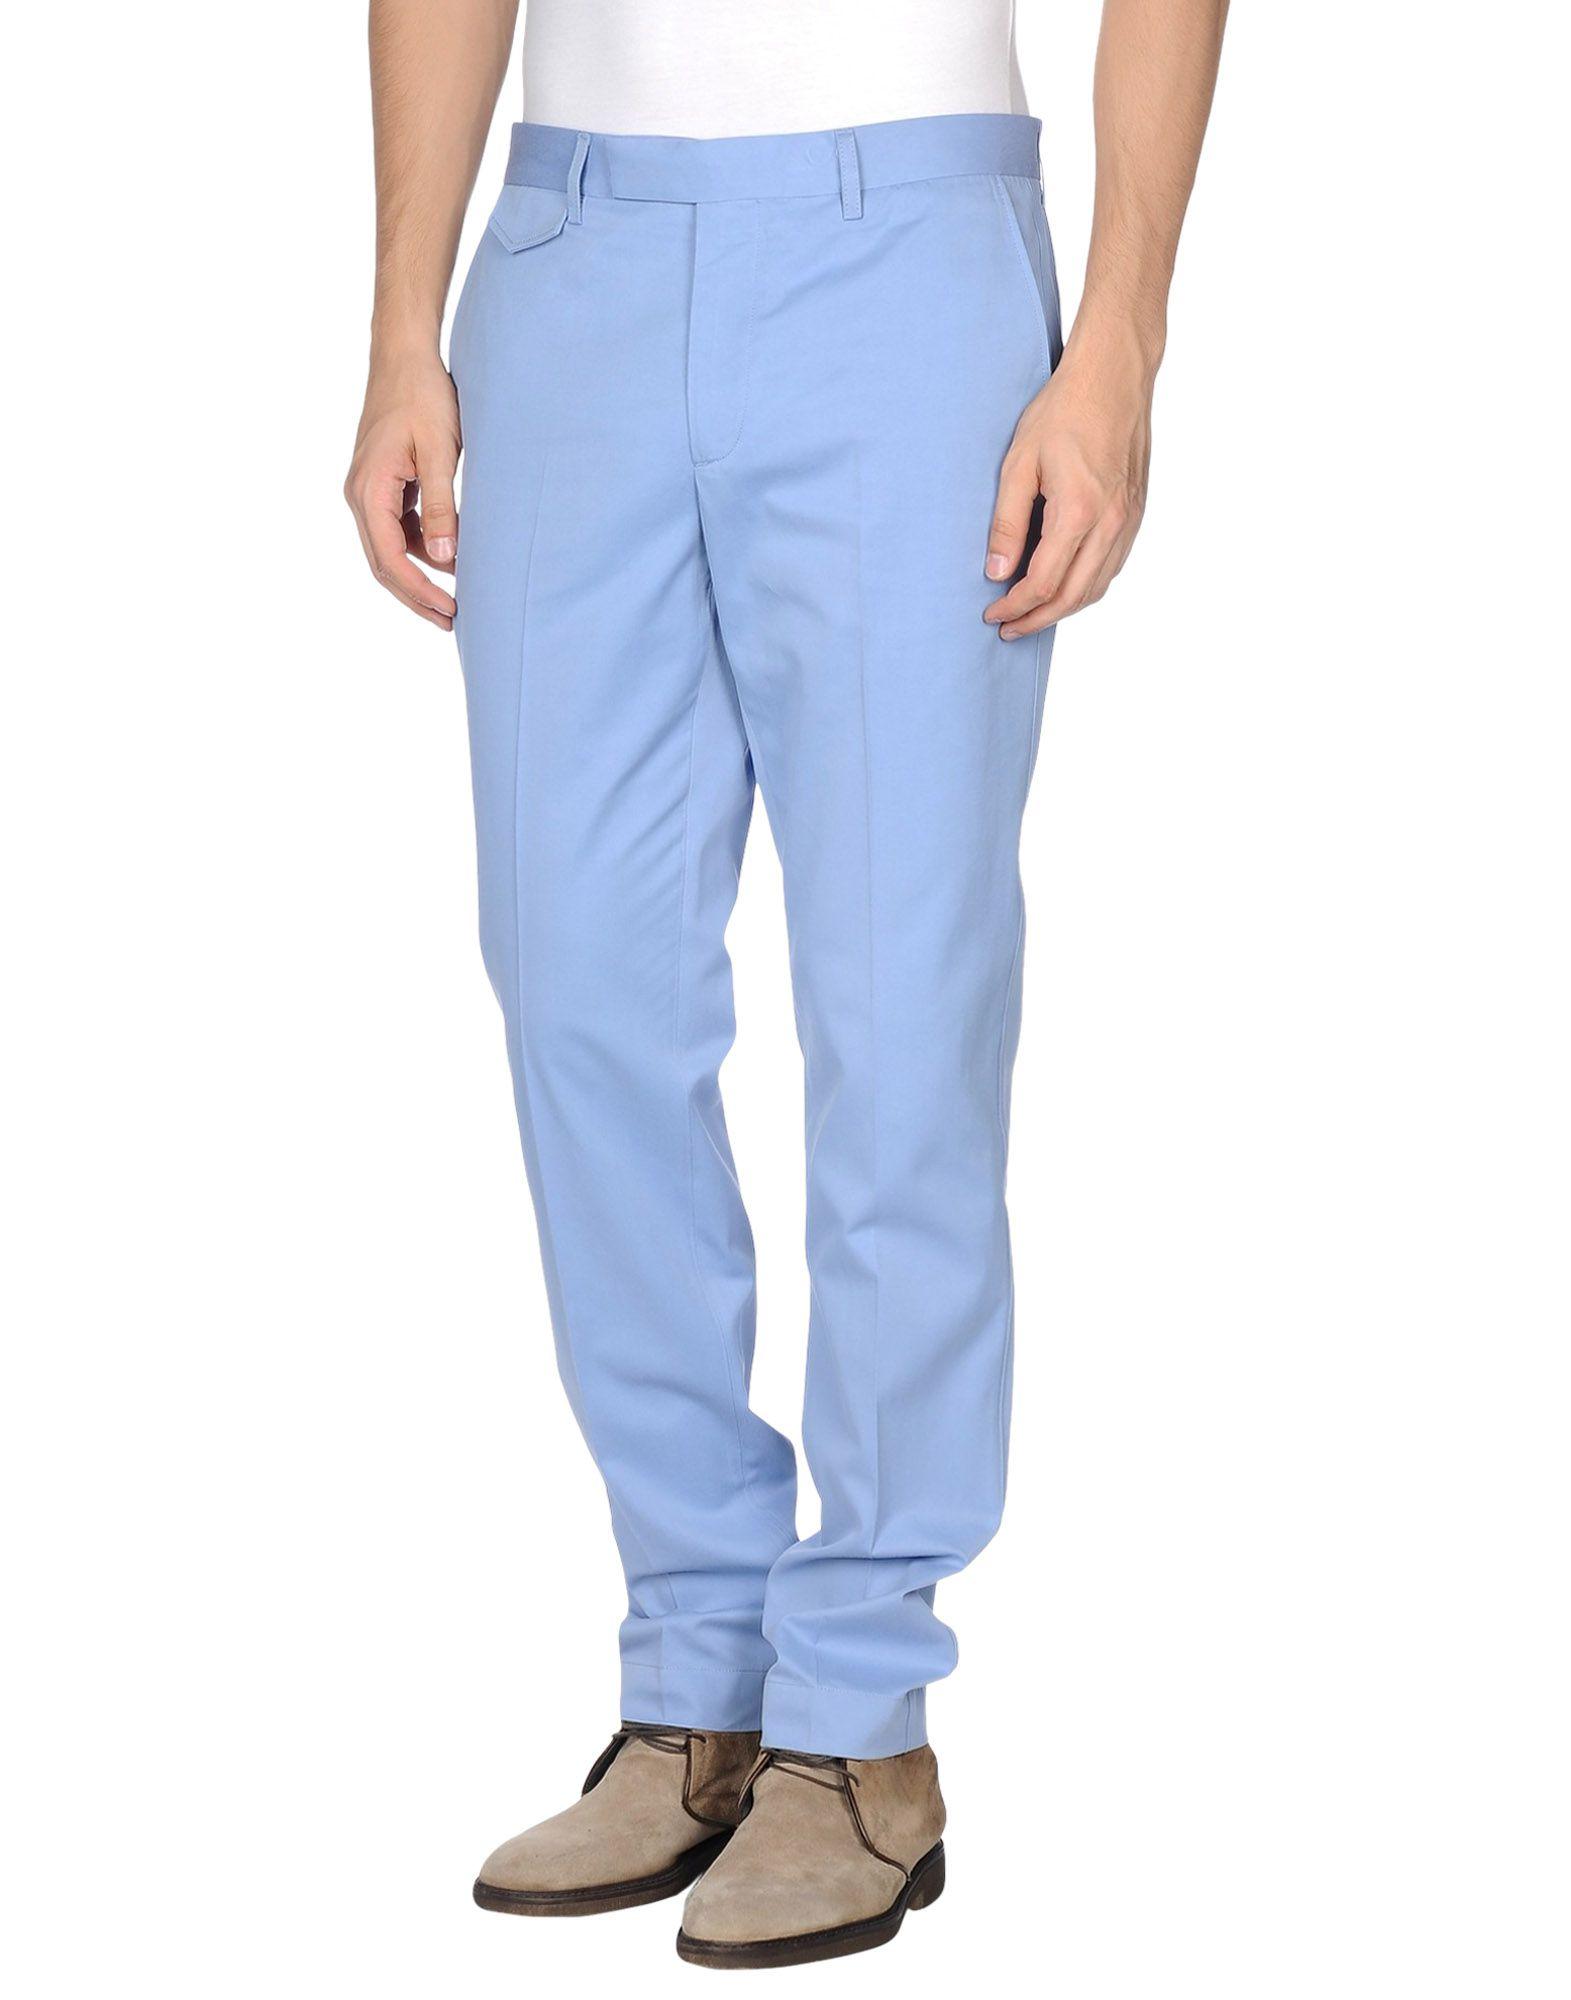 Kris Van Assche casual trousers